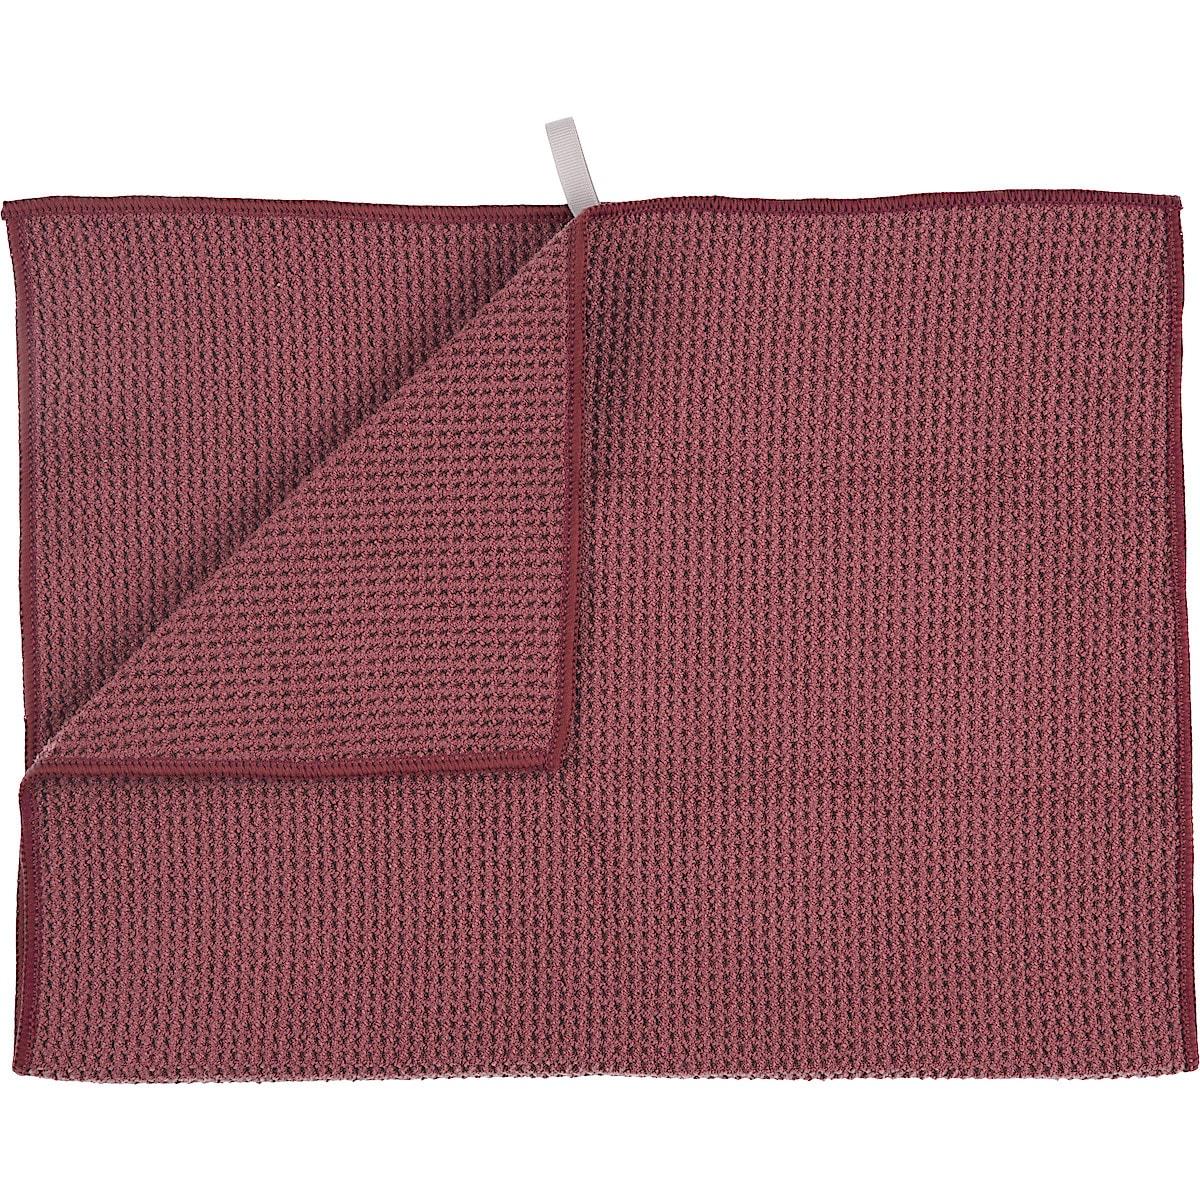 Kökshandduk burgundy waffle, Smart Microfiber